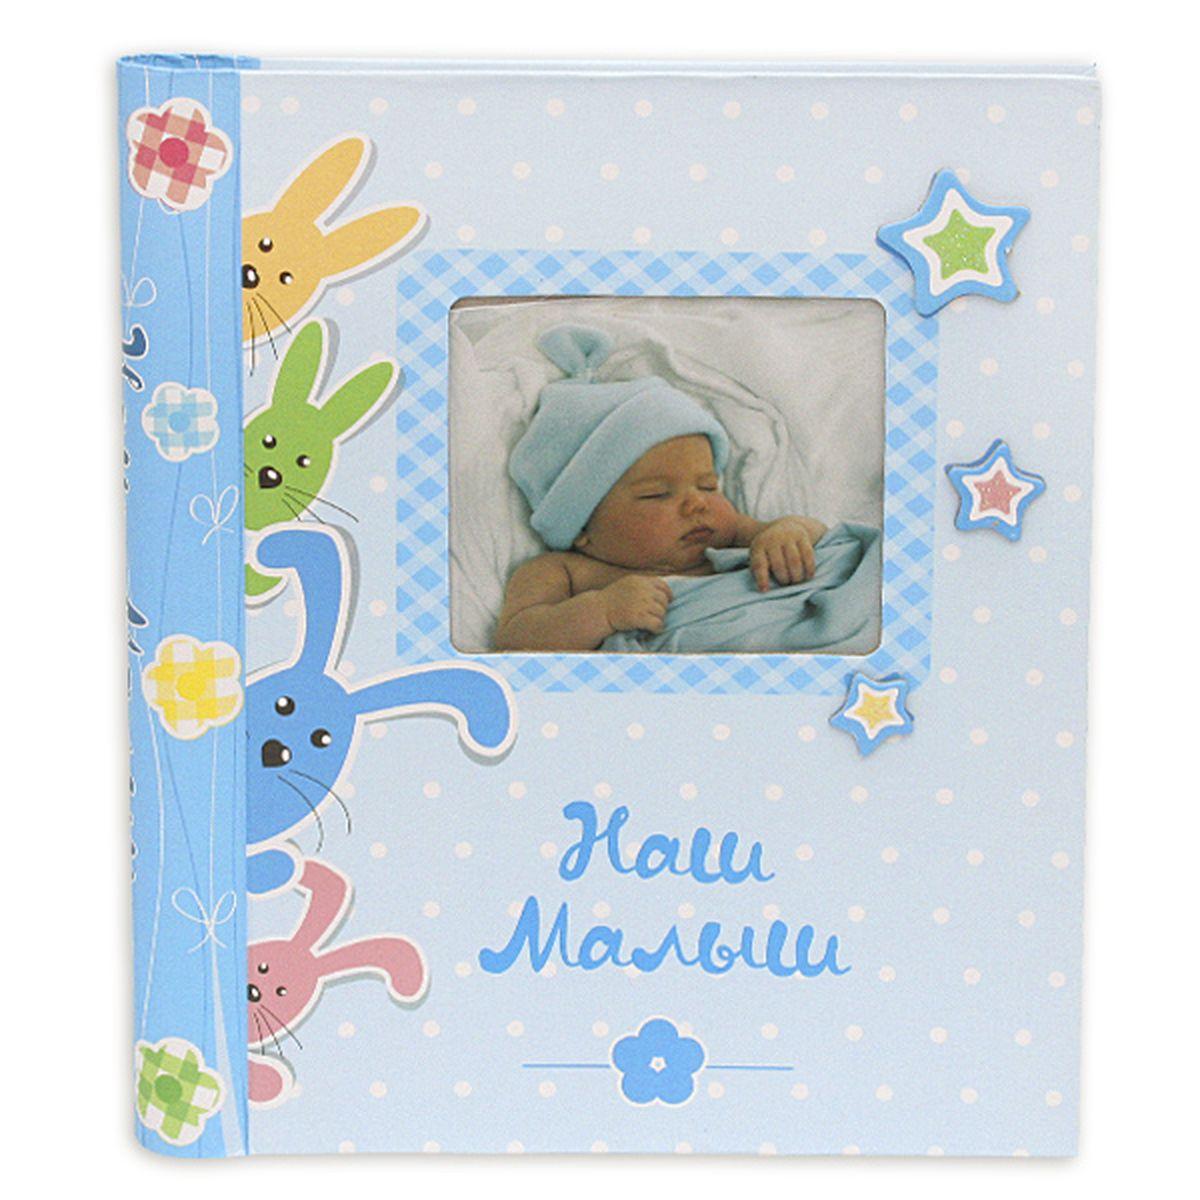 Фотокнига Pioneer Our Baby 6, 23 x 28 см. 46427 FA46427 FAФотокнига Pioneer Our Baby 6 позволит вам запечатлеть моменты жизни вашего ребенка. Изделие выполнено из картона и плотной бумаги, может быть использована для создания памятного альбома в технике скрапбукинг. В книге находится 20 страниц-анкет для заполнения и рамка для фото. Всего внутри может быть расположено 20 фото. Тип скрепления: спиральФормат фотографий: 23 х 28 смМатериал страниц: бумагаТип страниц: магнитный